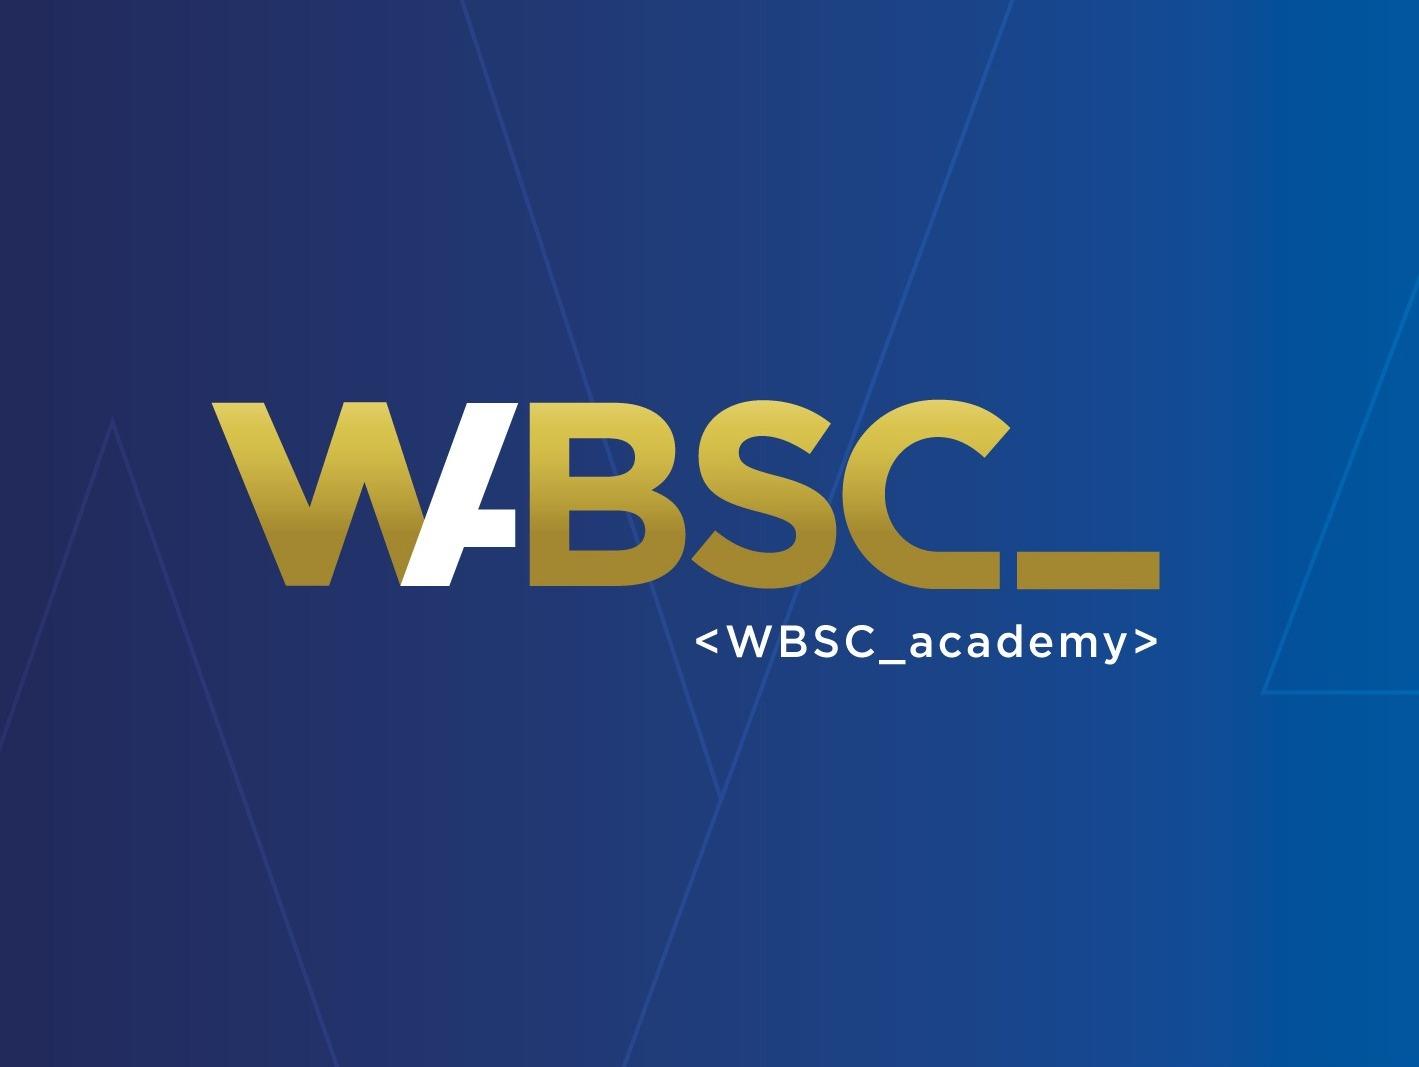 WBSC Academy